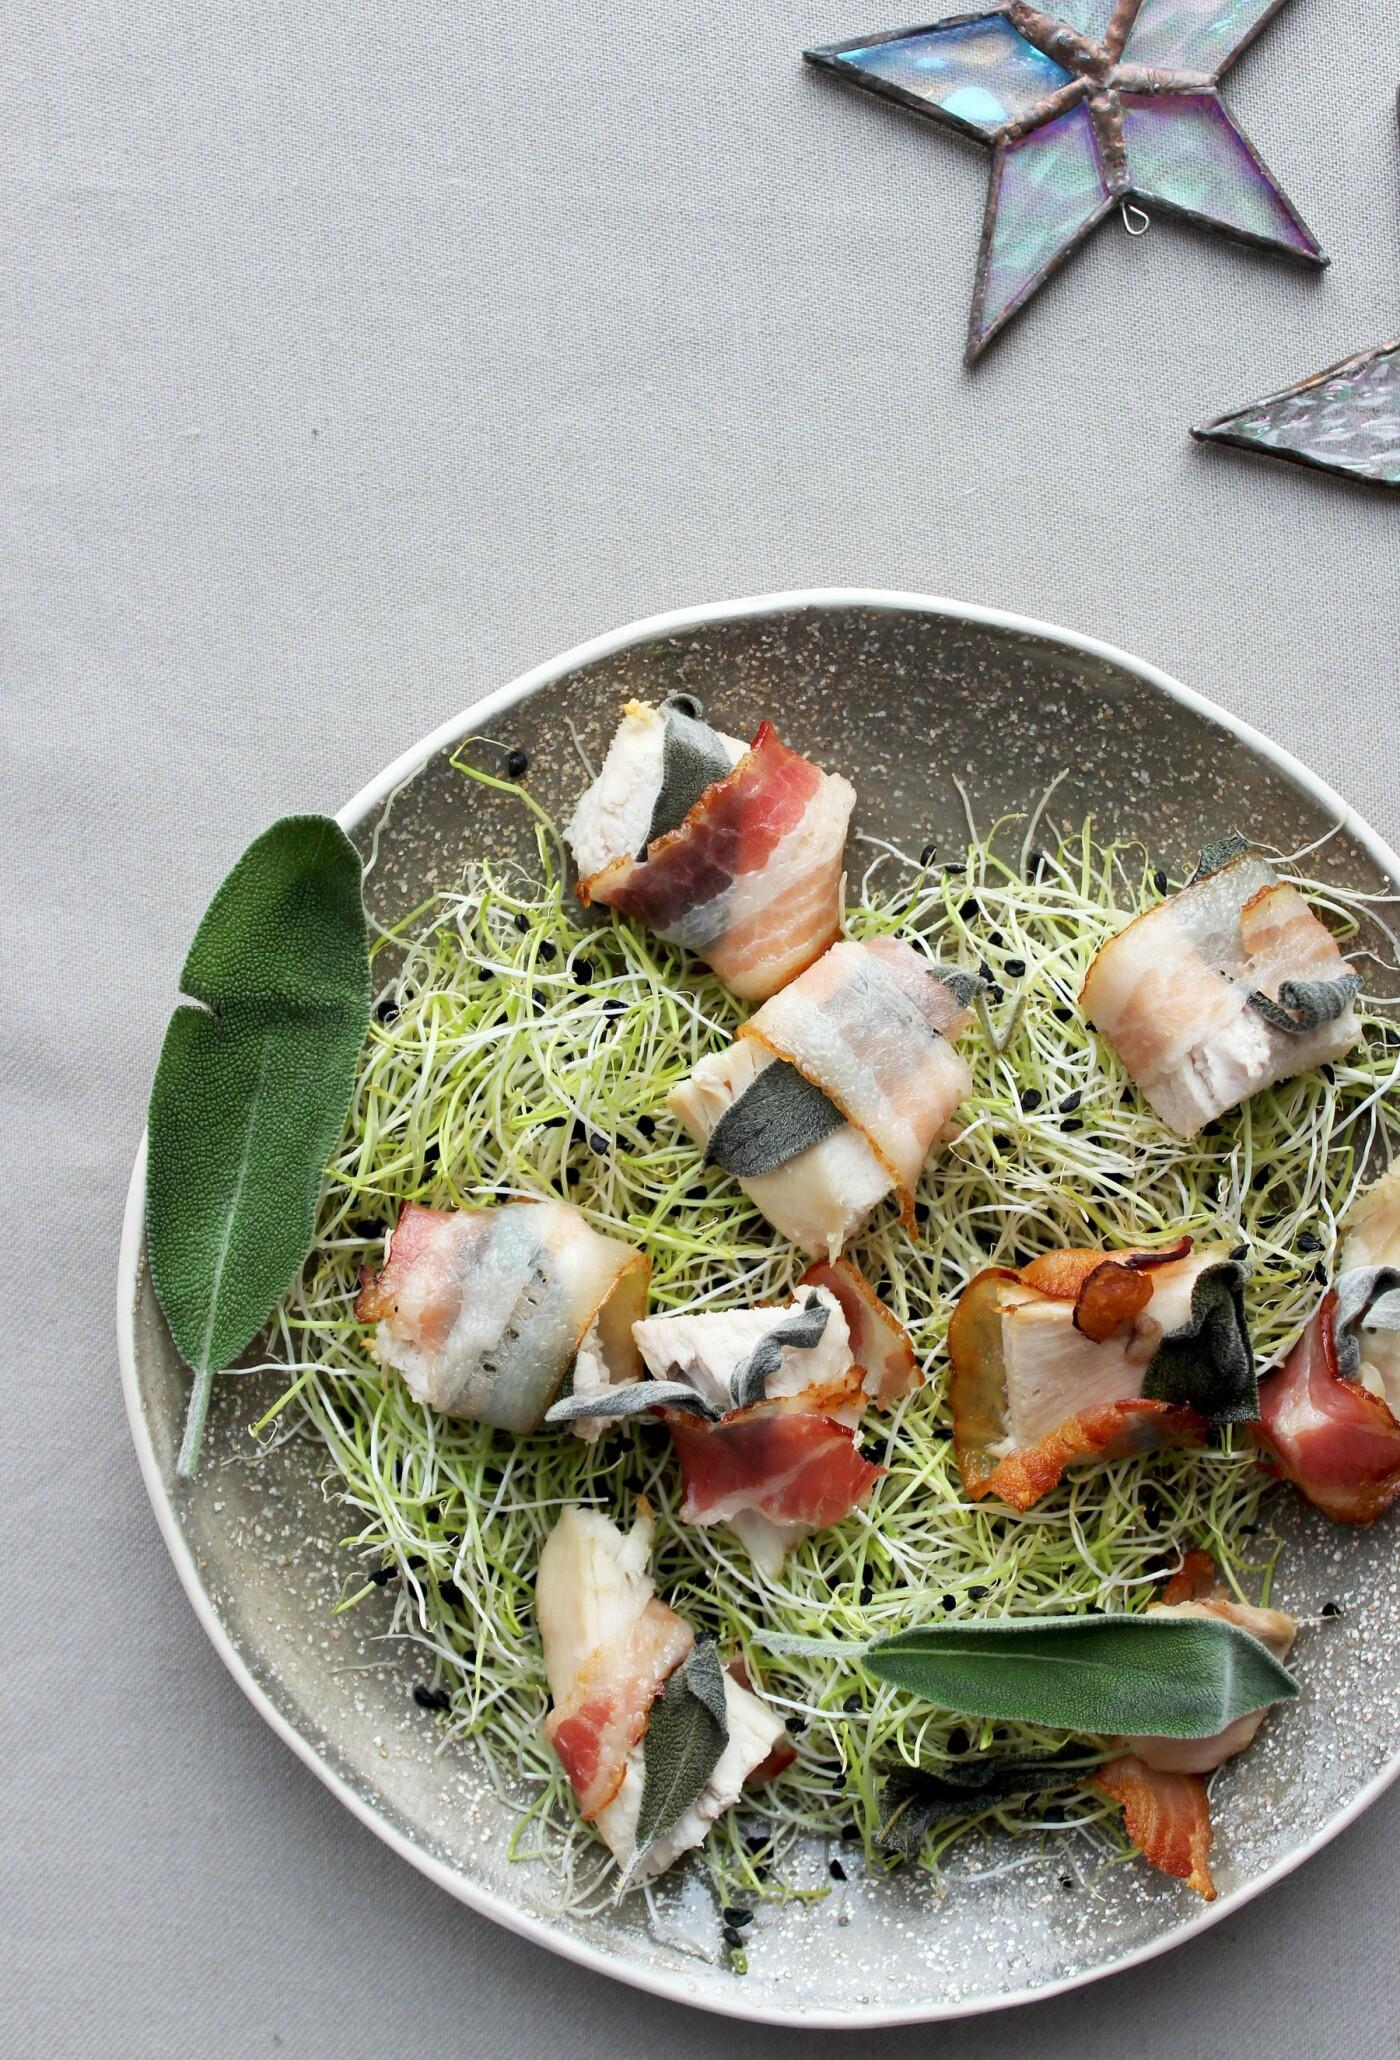 Maisto tinklaraštininkė Kristina Pišniukaitė pataria, kaip iš vieno produkto paruošti tris Kalėdinius patiekalus, nuotrauka-5